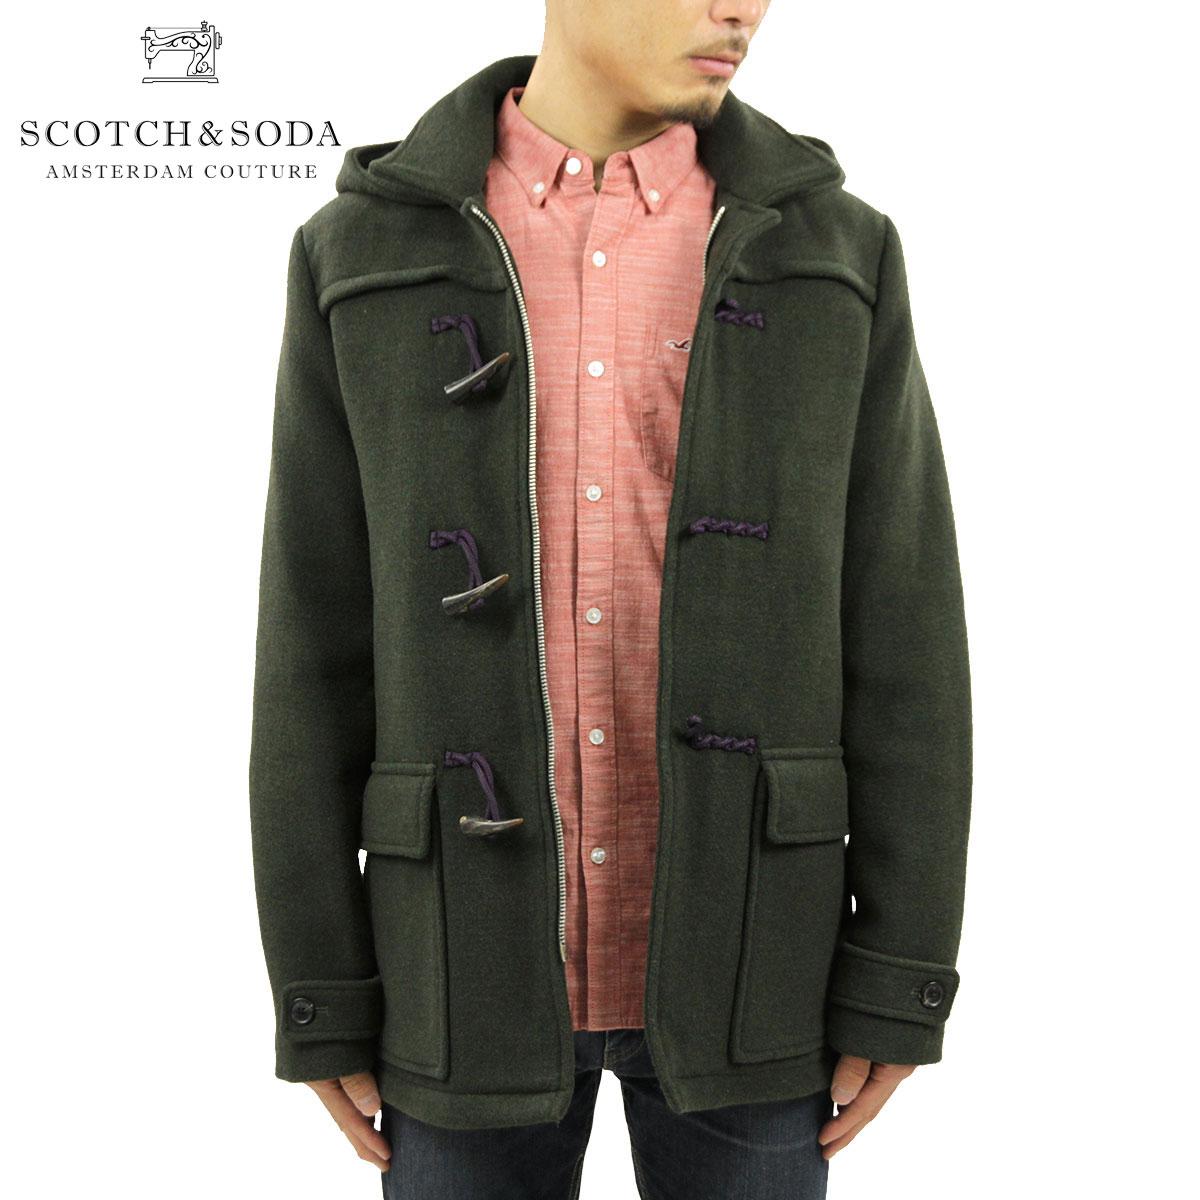 スコッチアンドソーダ SCOTCH&SODA 正規販売店 メンズ アウターコート Classic duffle coat in wool quality 101343 7B D00S20